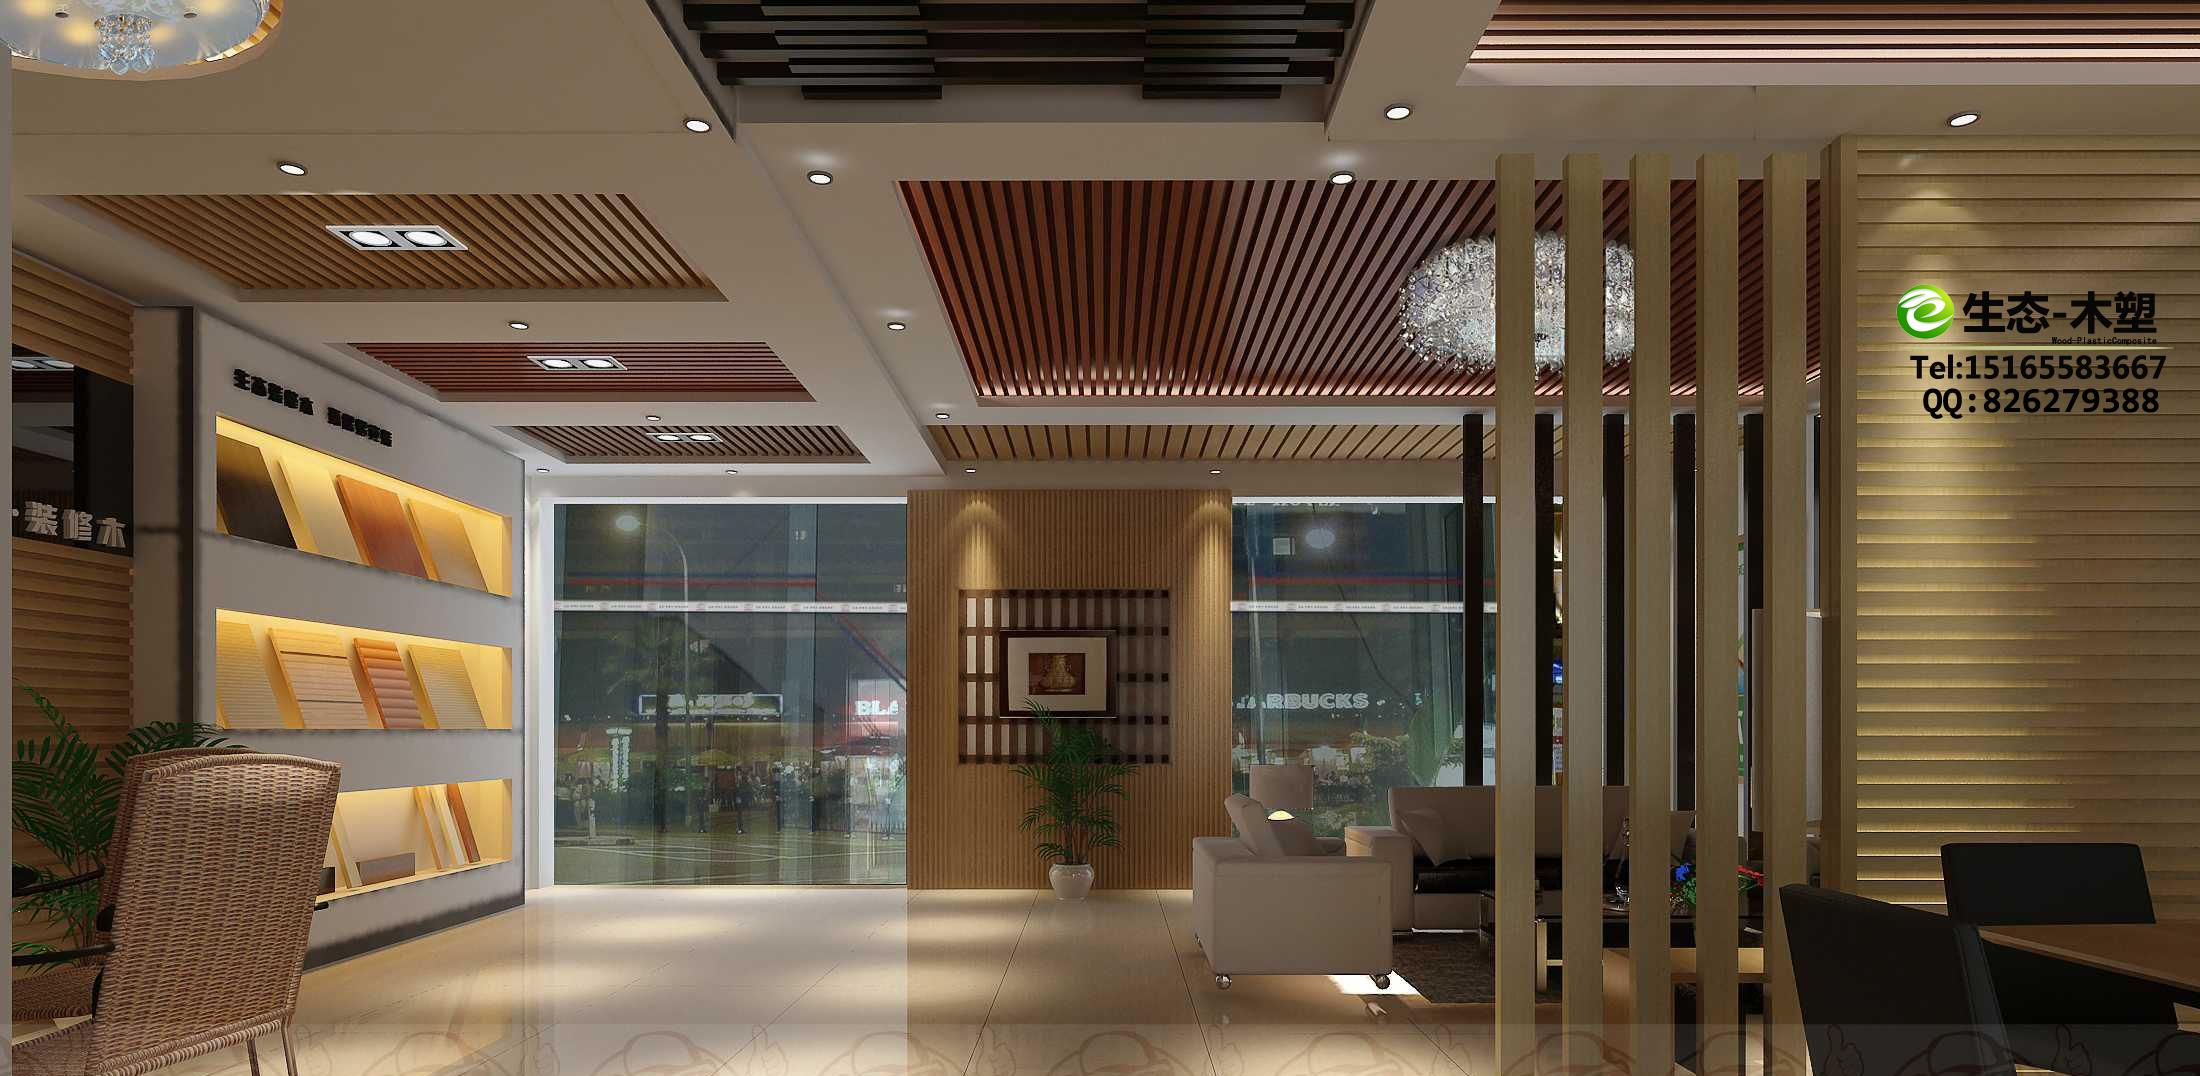 生态木159长城板 墙面保护板墙裙吊顶材料